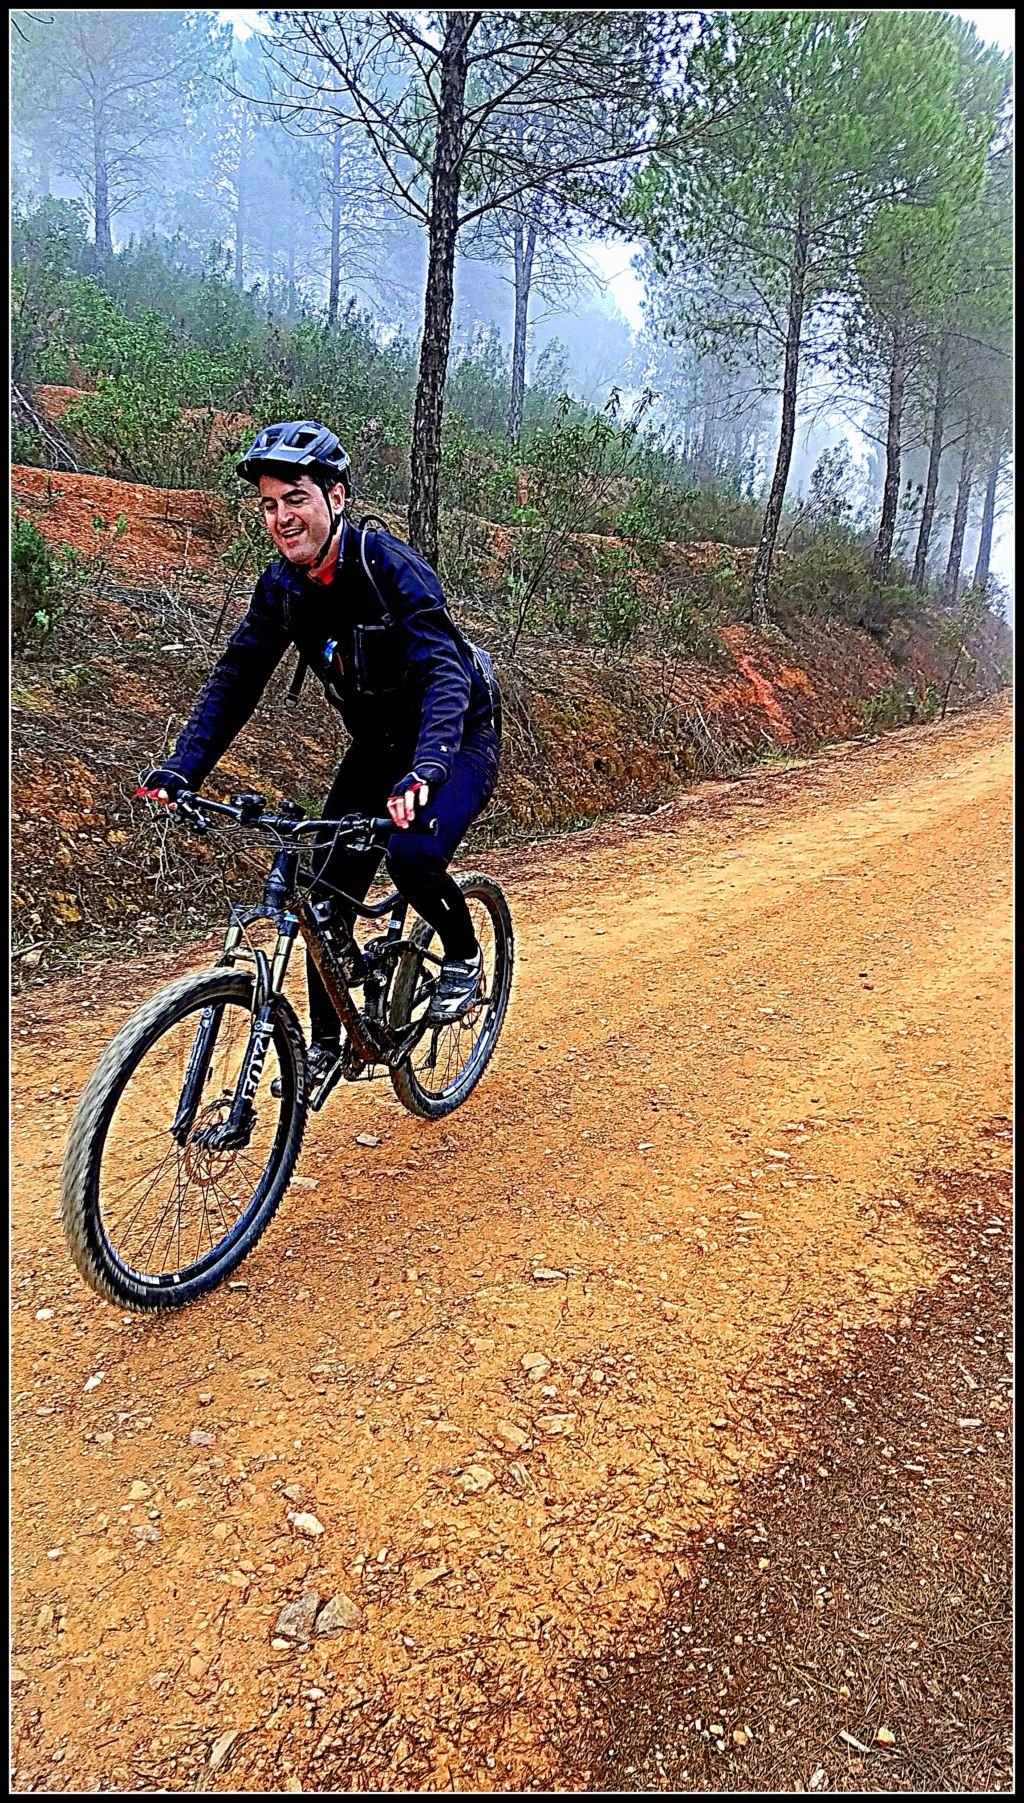 SABADO 08/02/2020 Valverde del Camino - DOLMENES - Pozuelo- Valverde (46 Km y 700m.) Img_2013